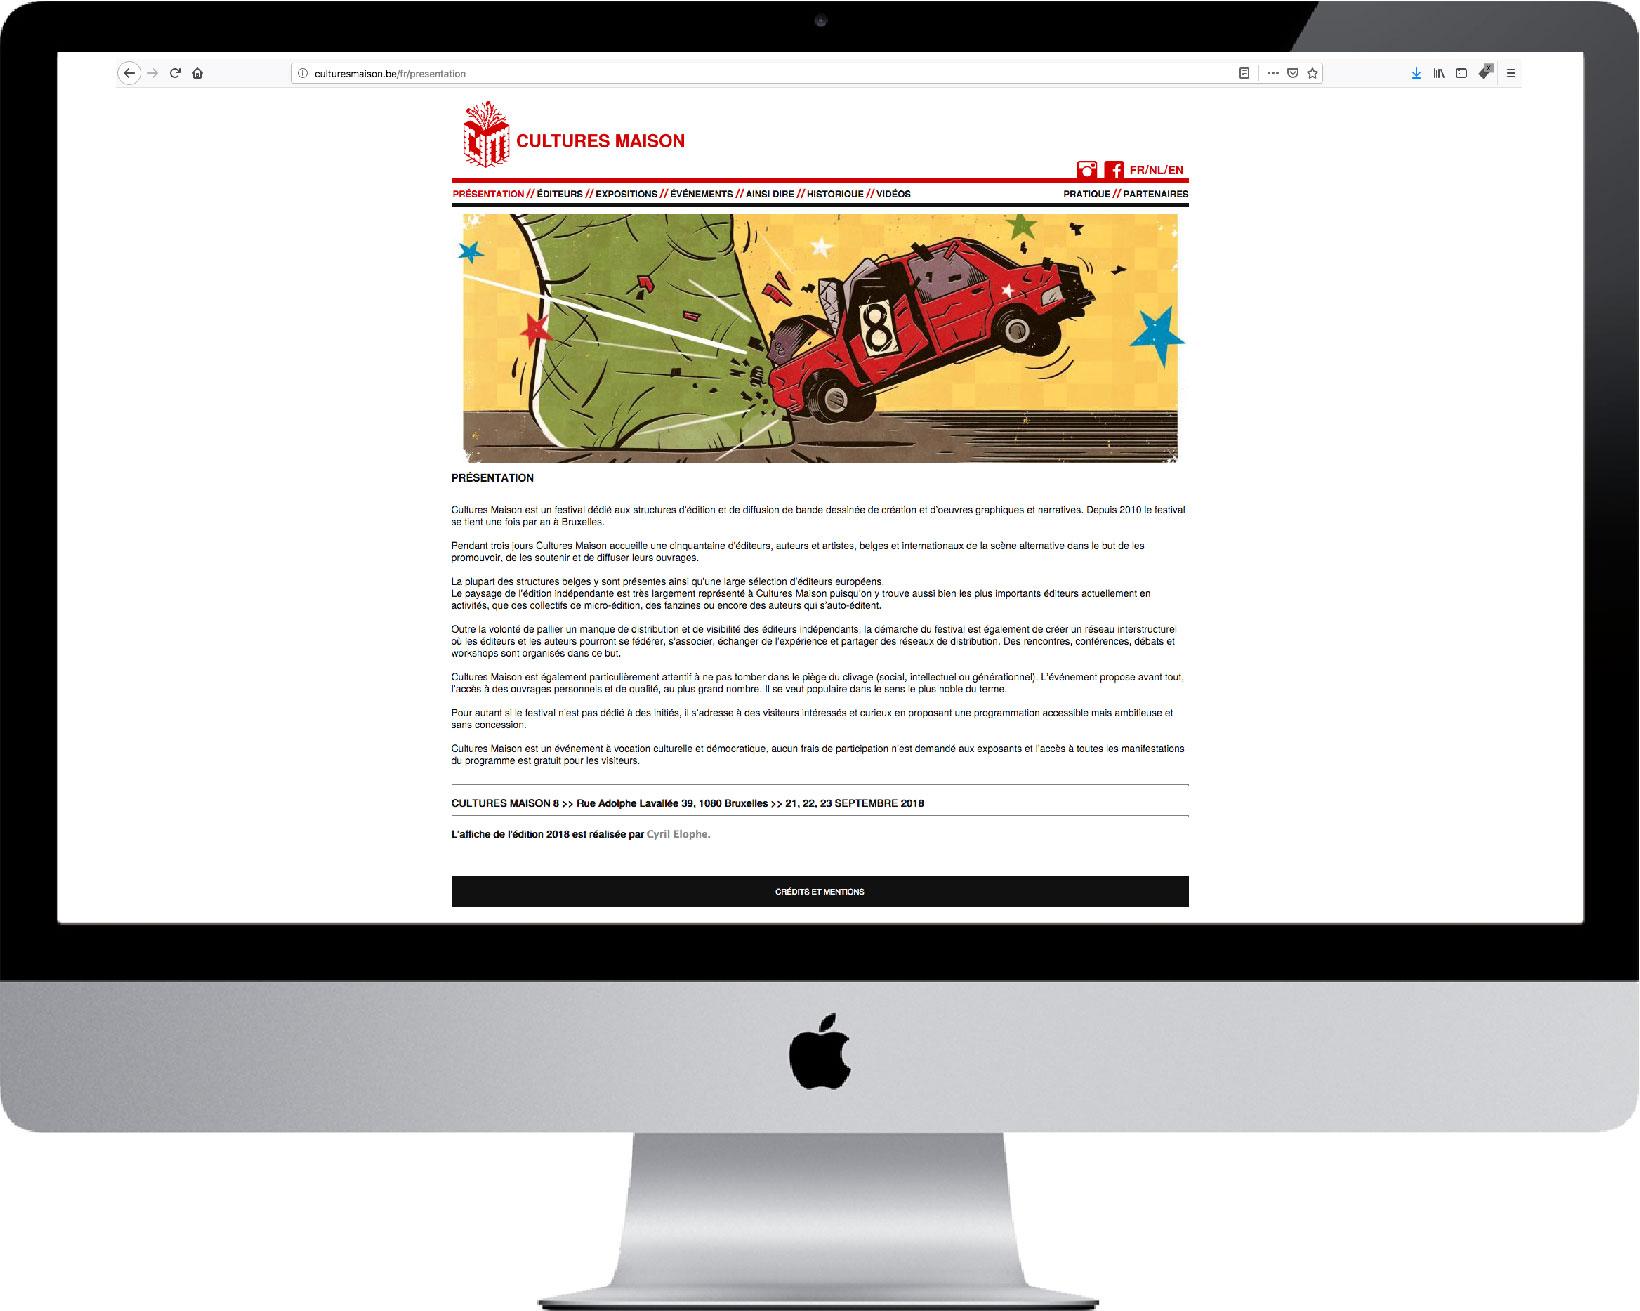 Cultures Maison :: Web design 2013 - 2018